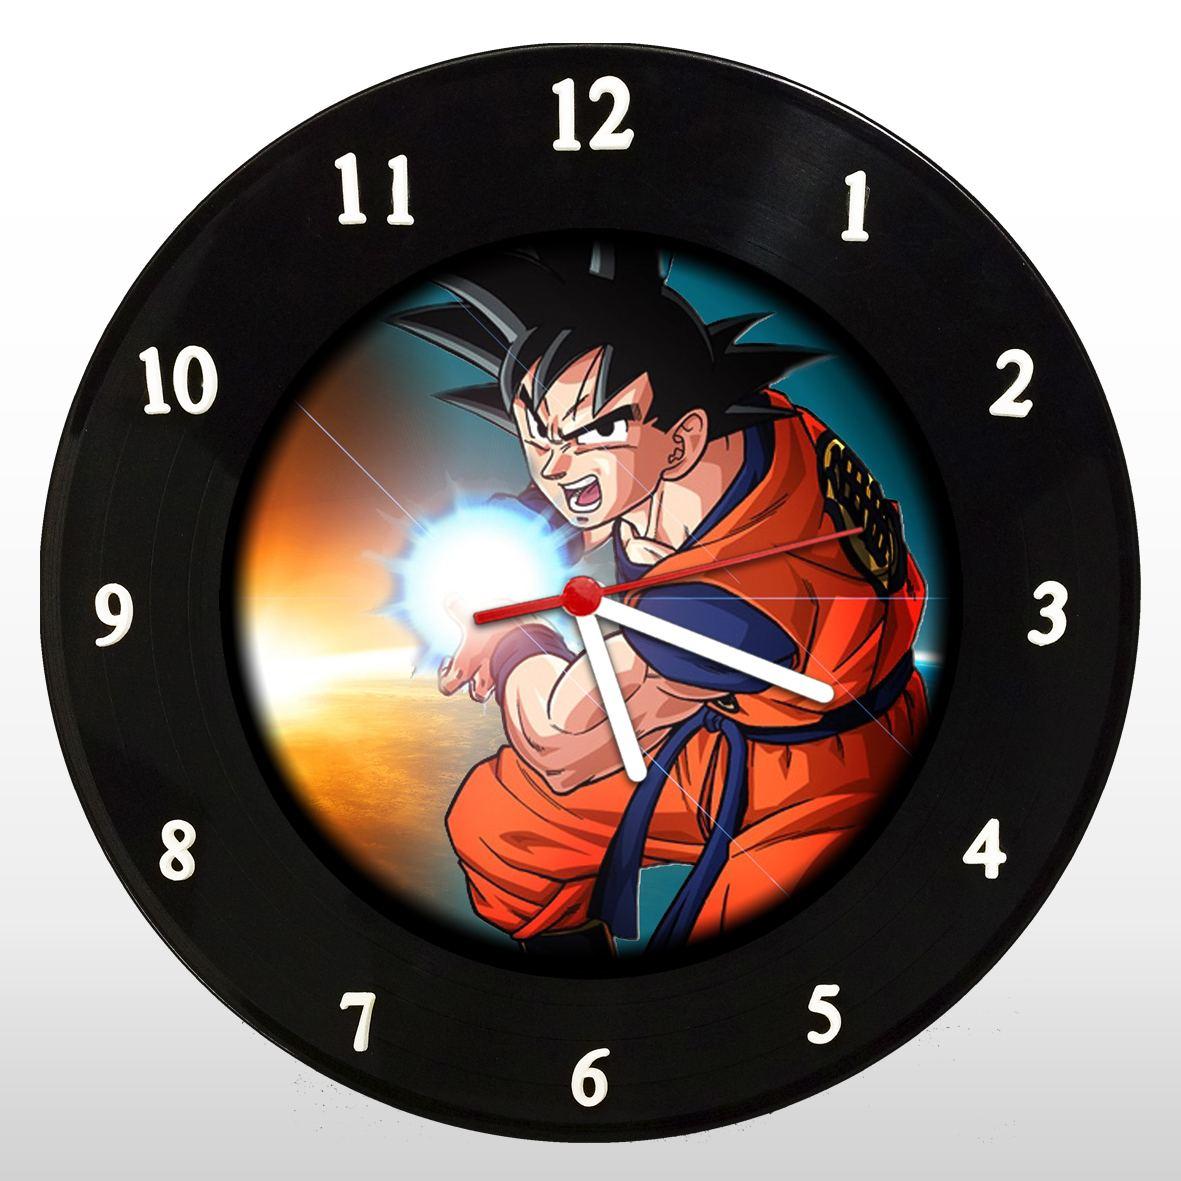 Dragon Ball - Goku - Relógio de Parede em Disco de Vinil - Mr. Rock